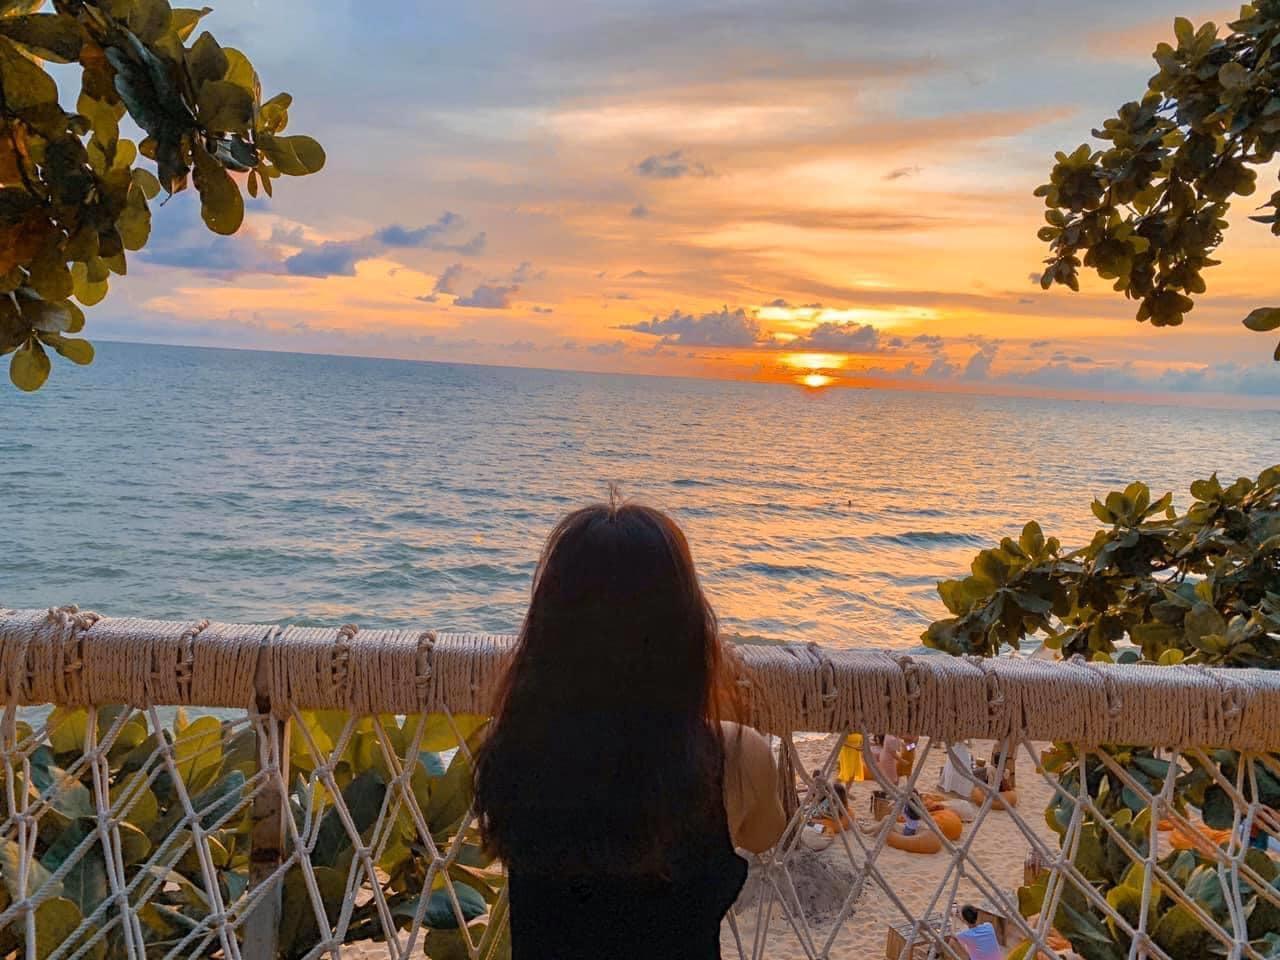 Tour du lịch Phú Quốc từ Hải Phòng: Trải nghiệm thiên đường nghỉ dưỡng số một Việt Nam - Ảnh 14.